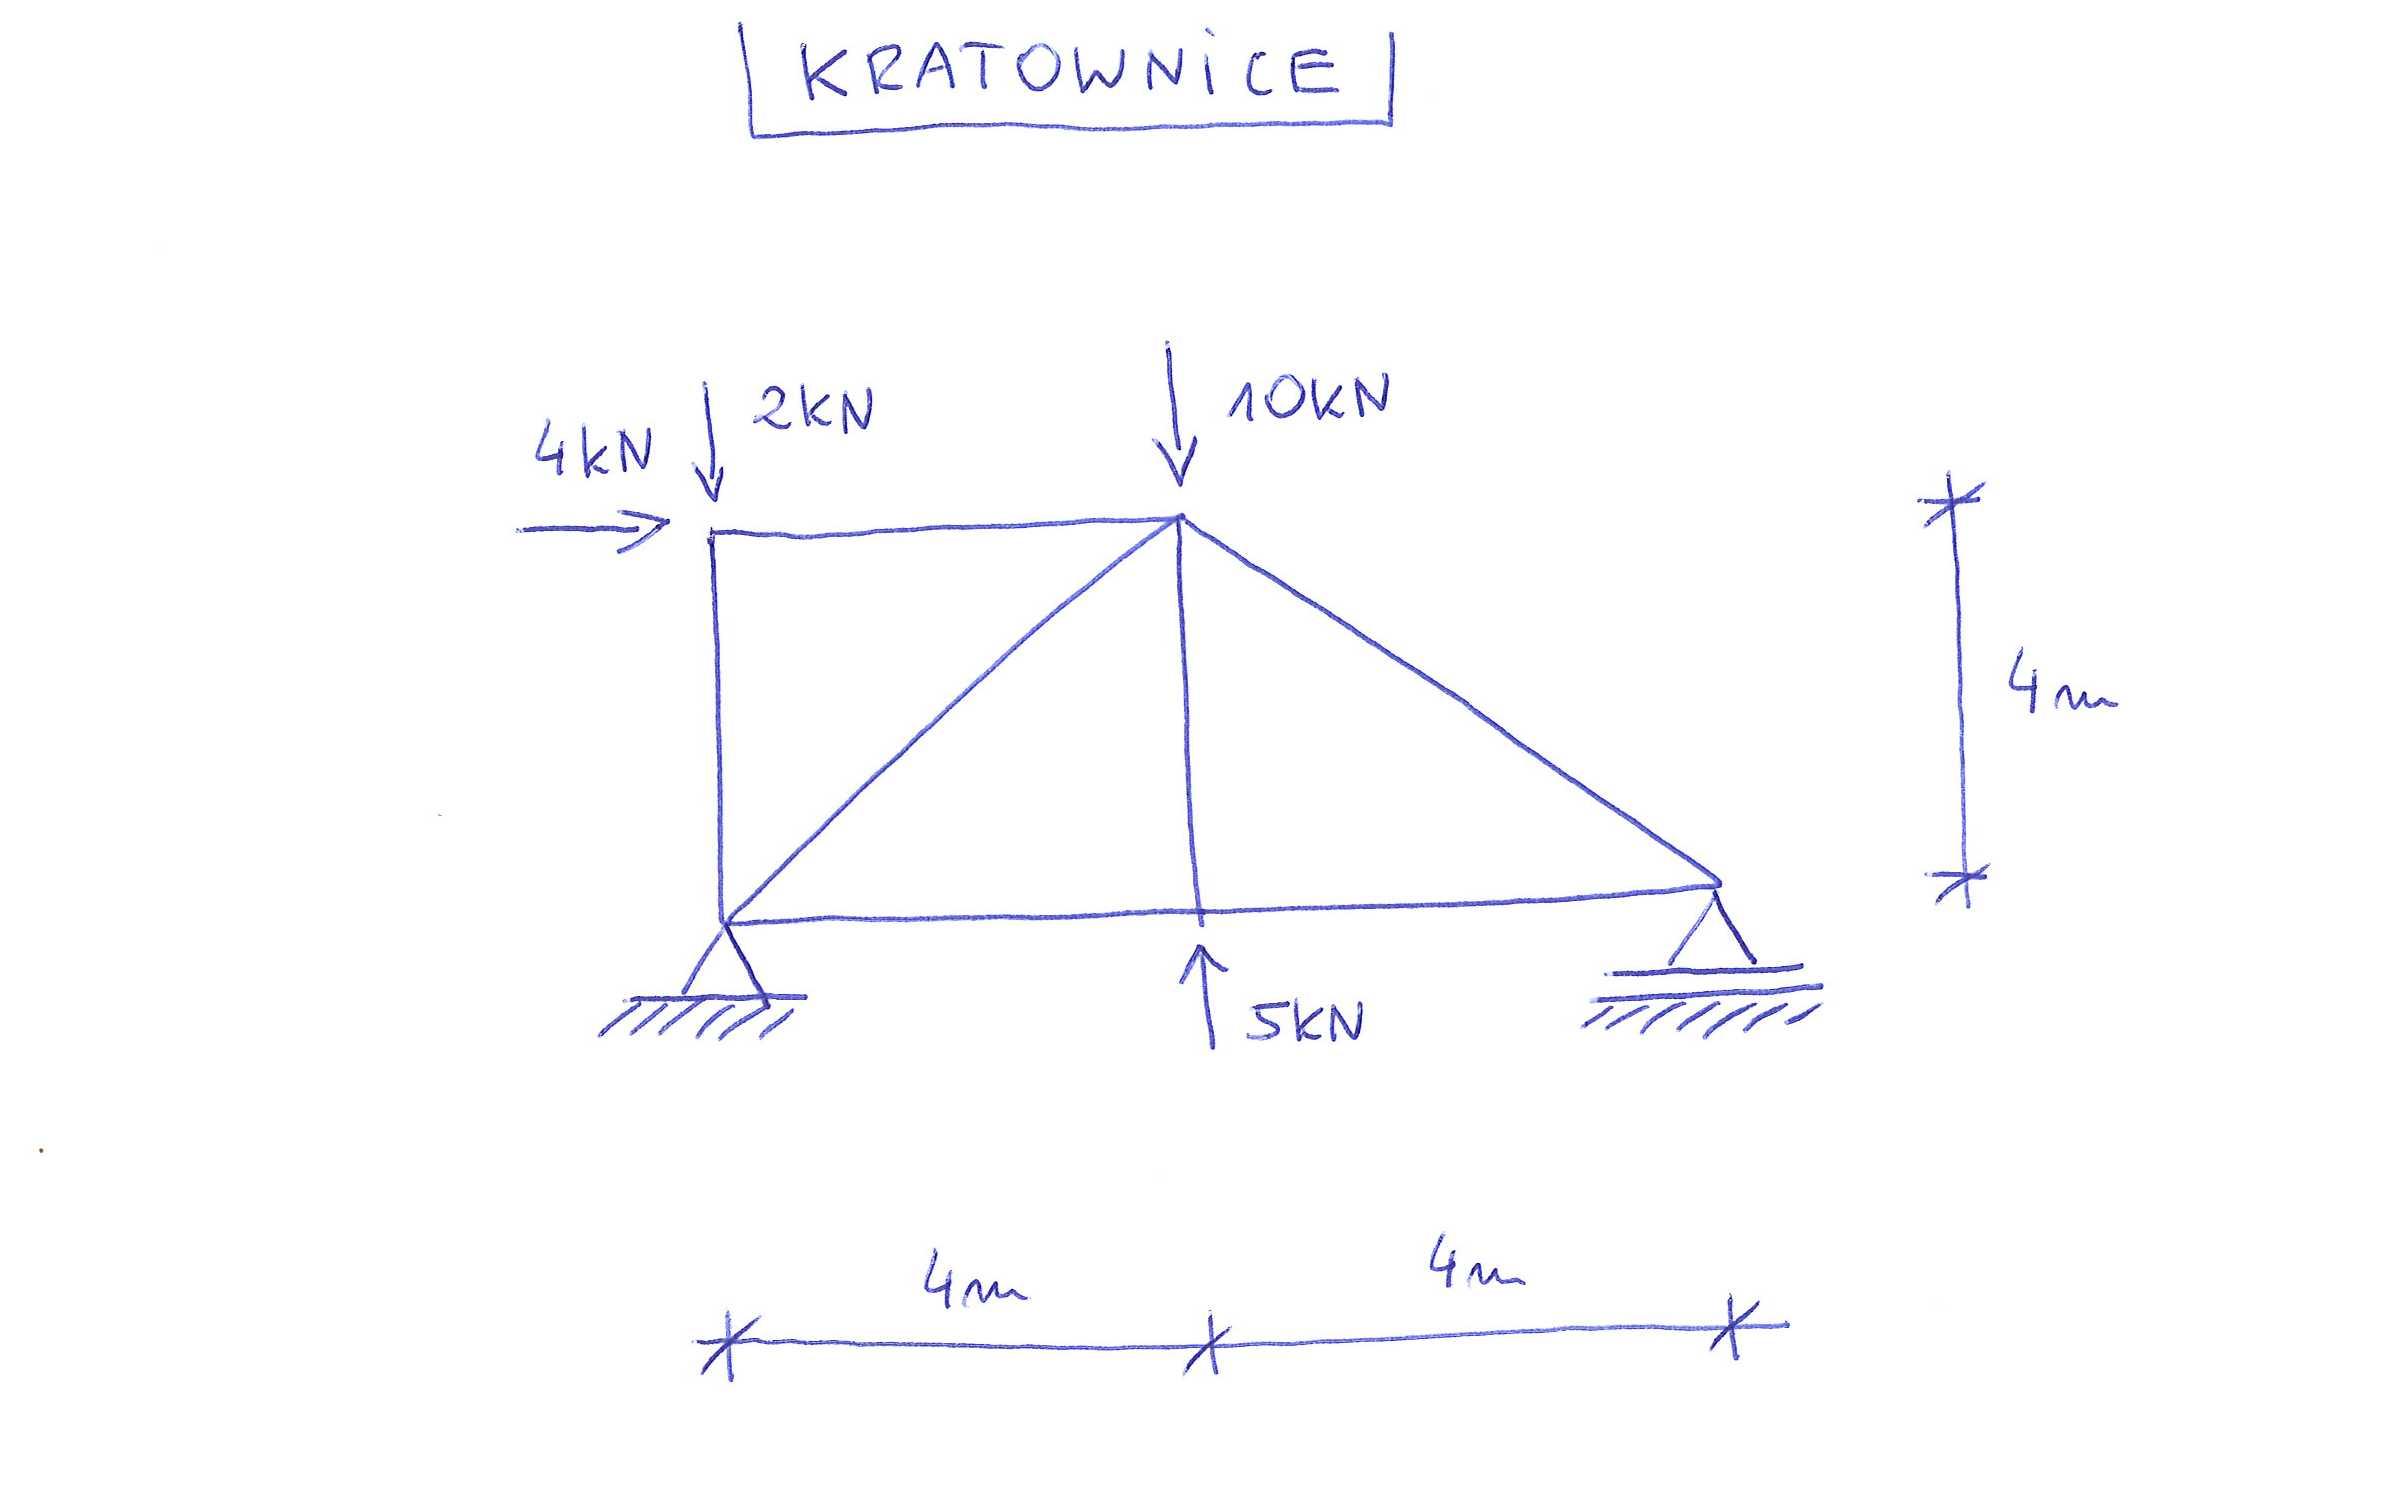 Kratownice krok po kroku - Metoda równoważenia węzłów